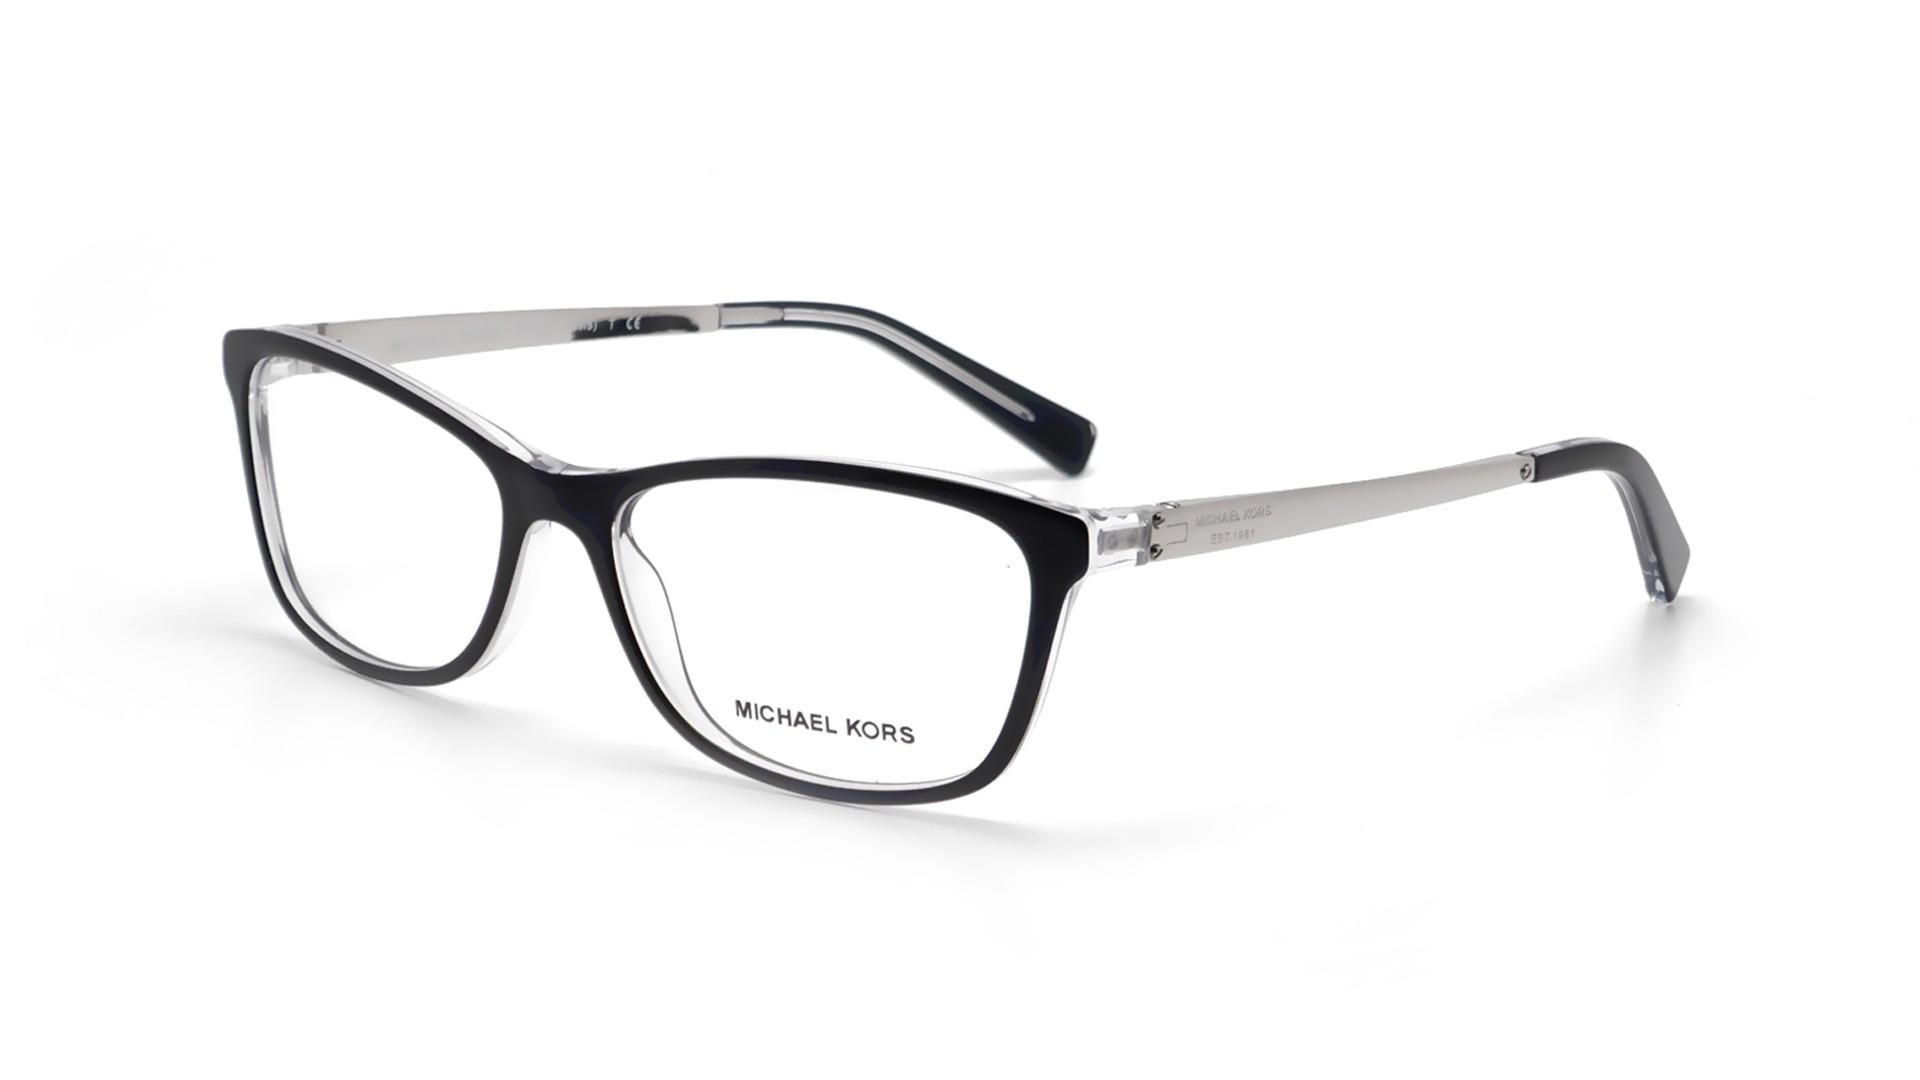 428623d5ccb42 Achetez élégant lunette de vue michael kors pas cher pas cher Violet ...